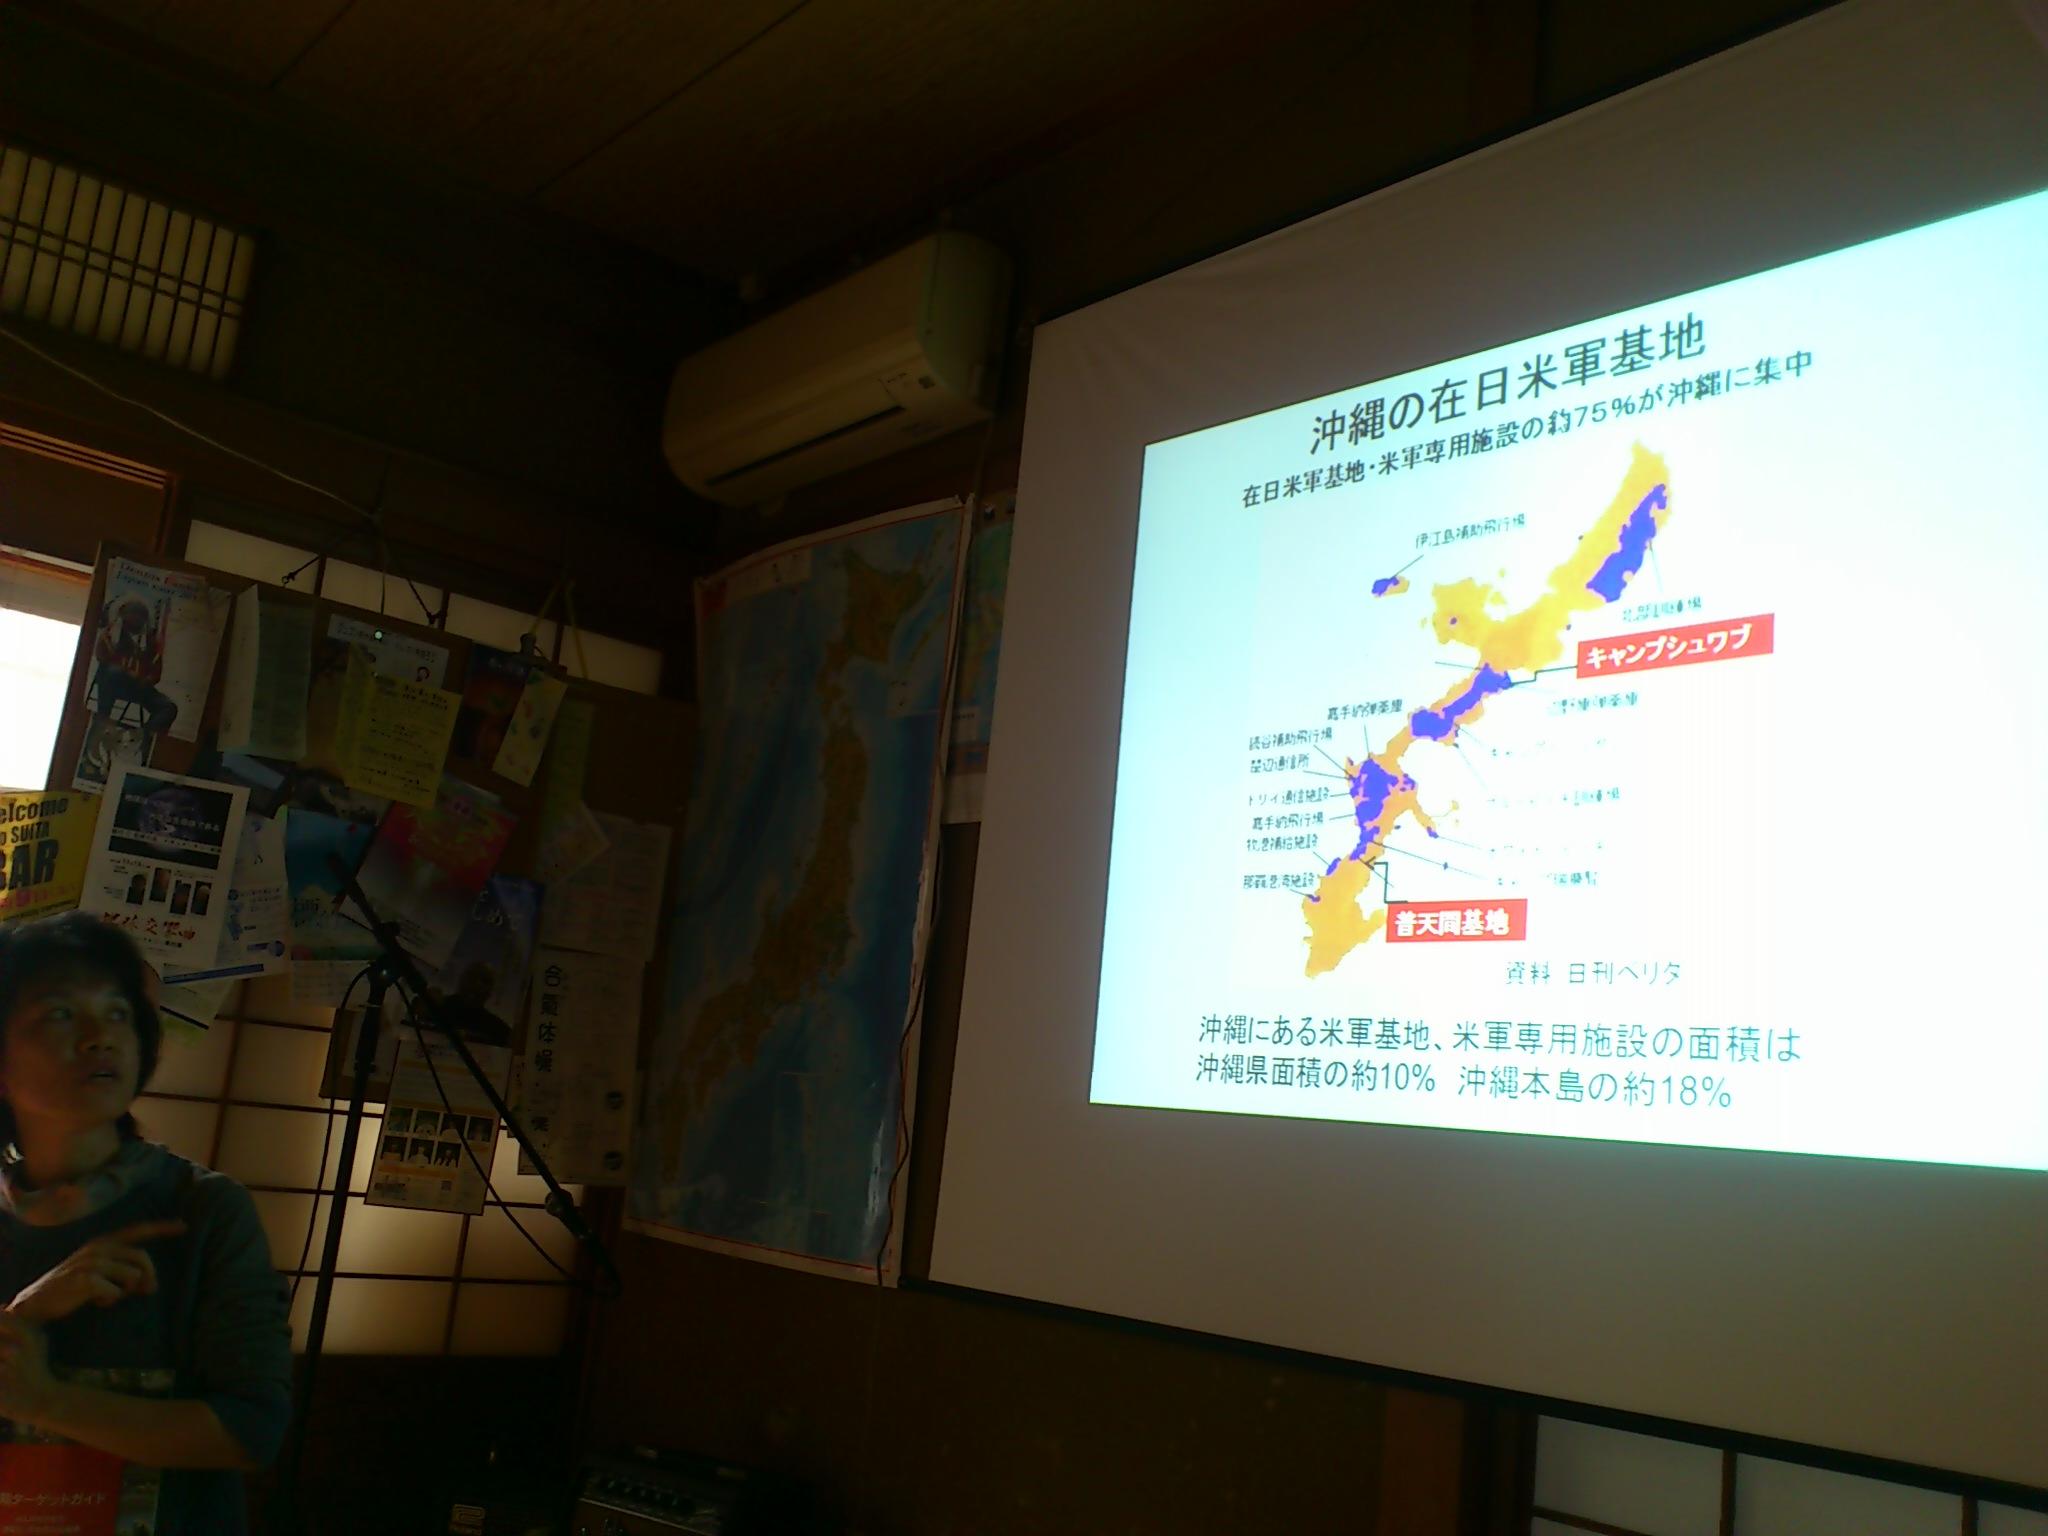 いきものカフェ@モモの家。在日米軍基地の七割強が沖縄に。